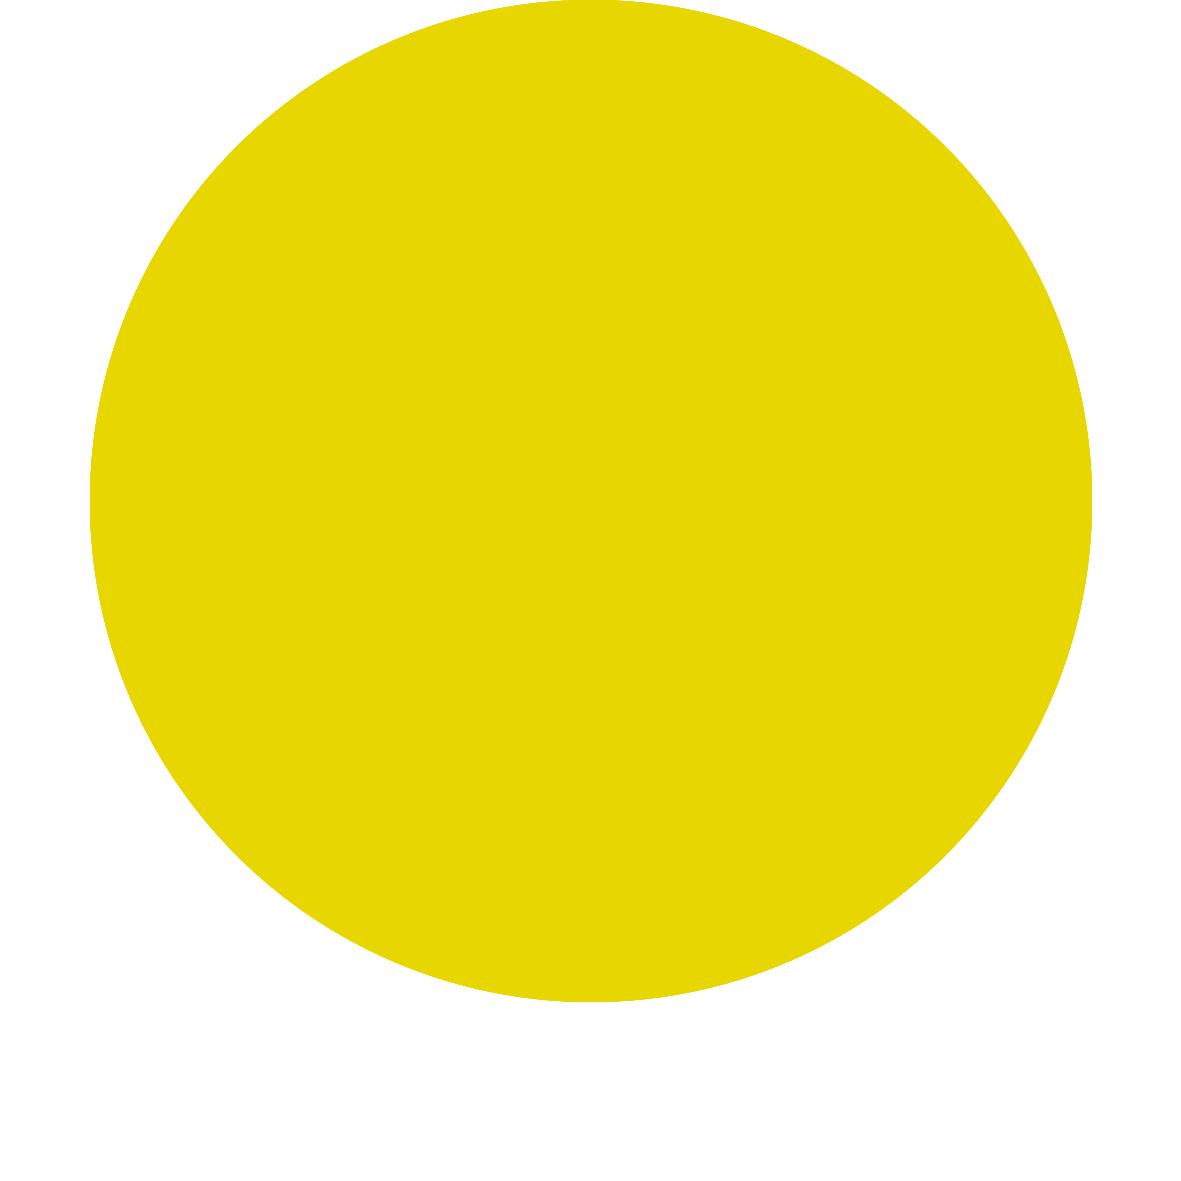 C.I. Yellow 14(Yellow 2G) -